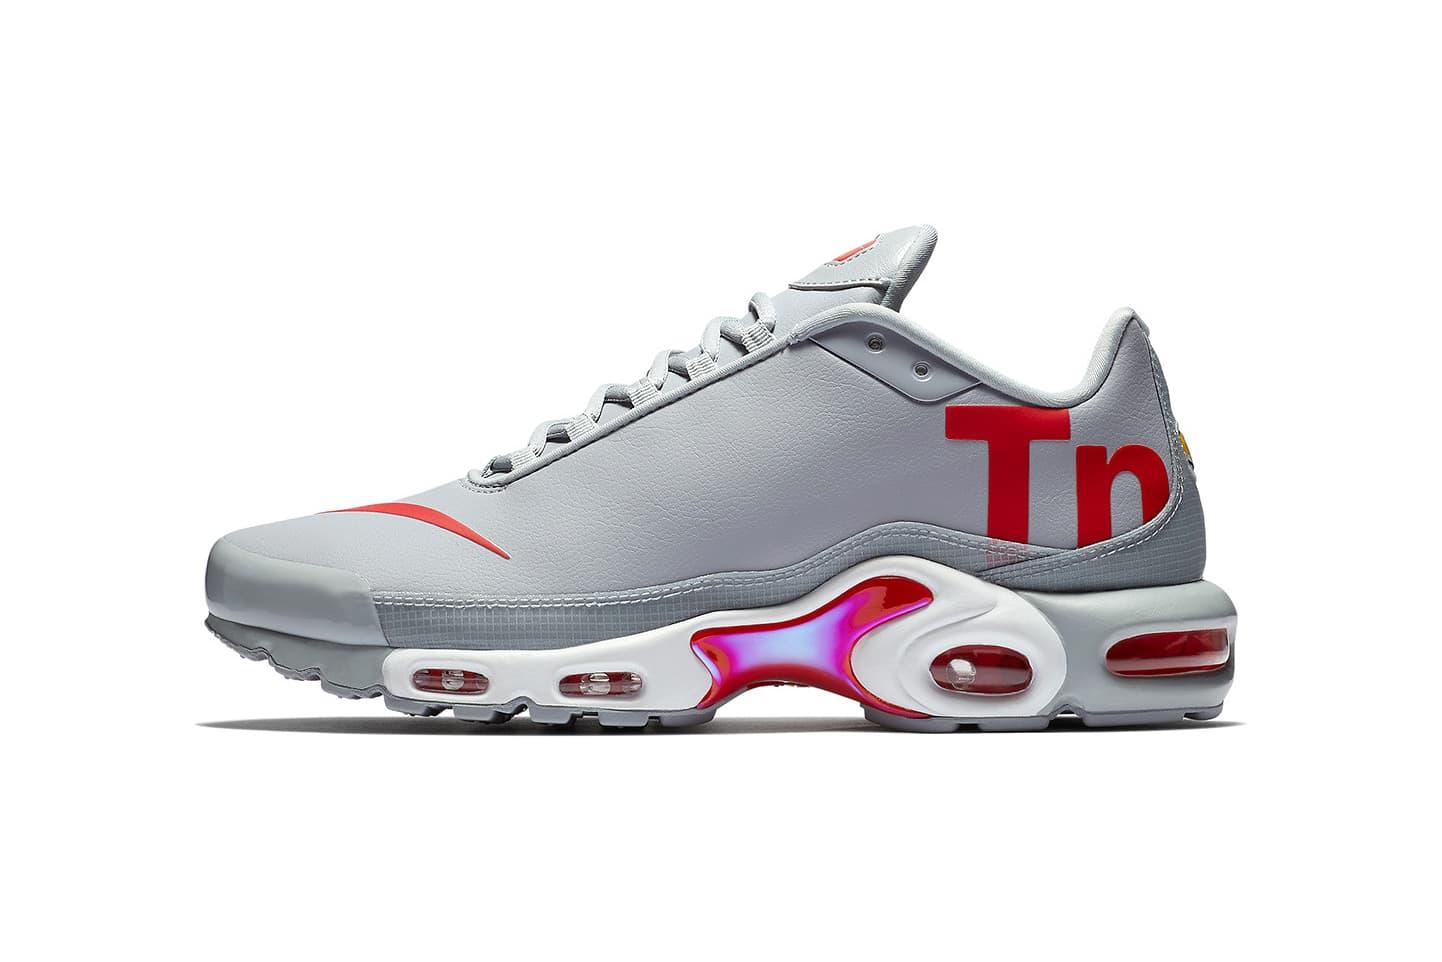 Nike Reimagines the Air Max Plus